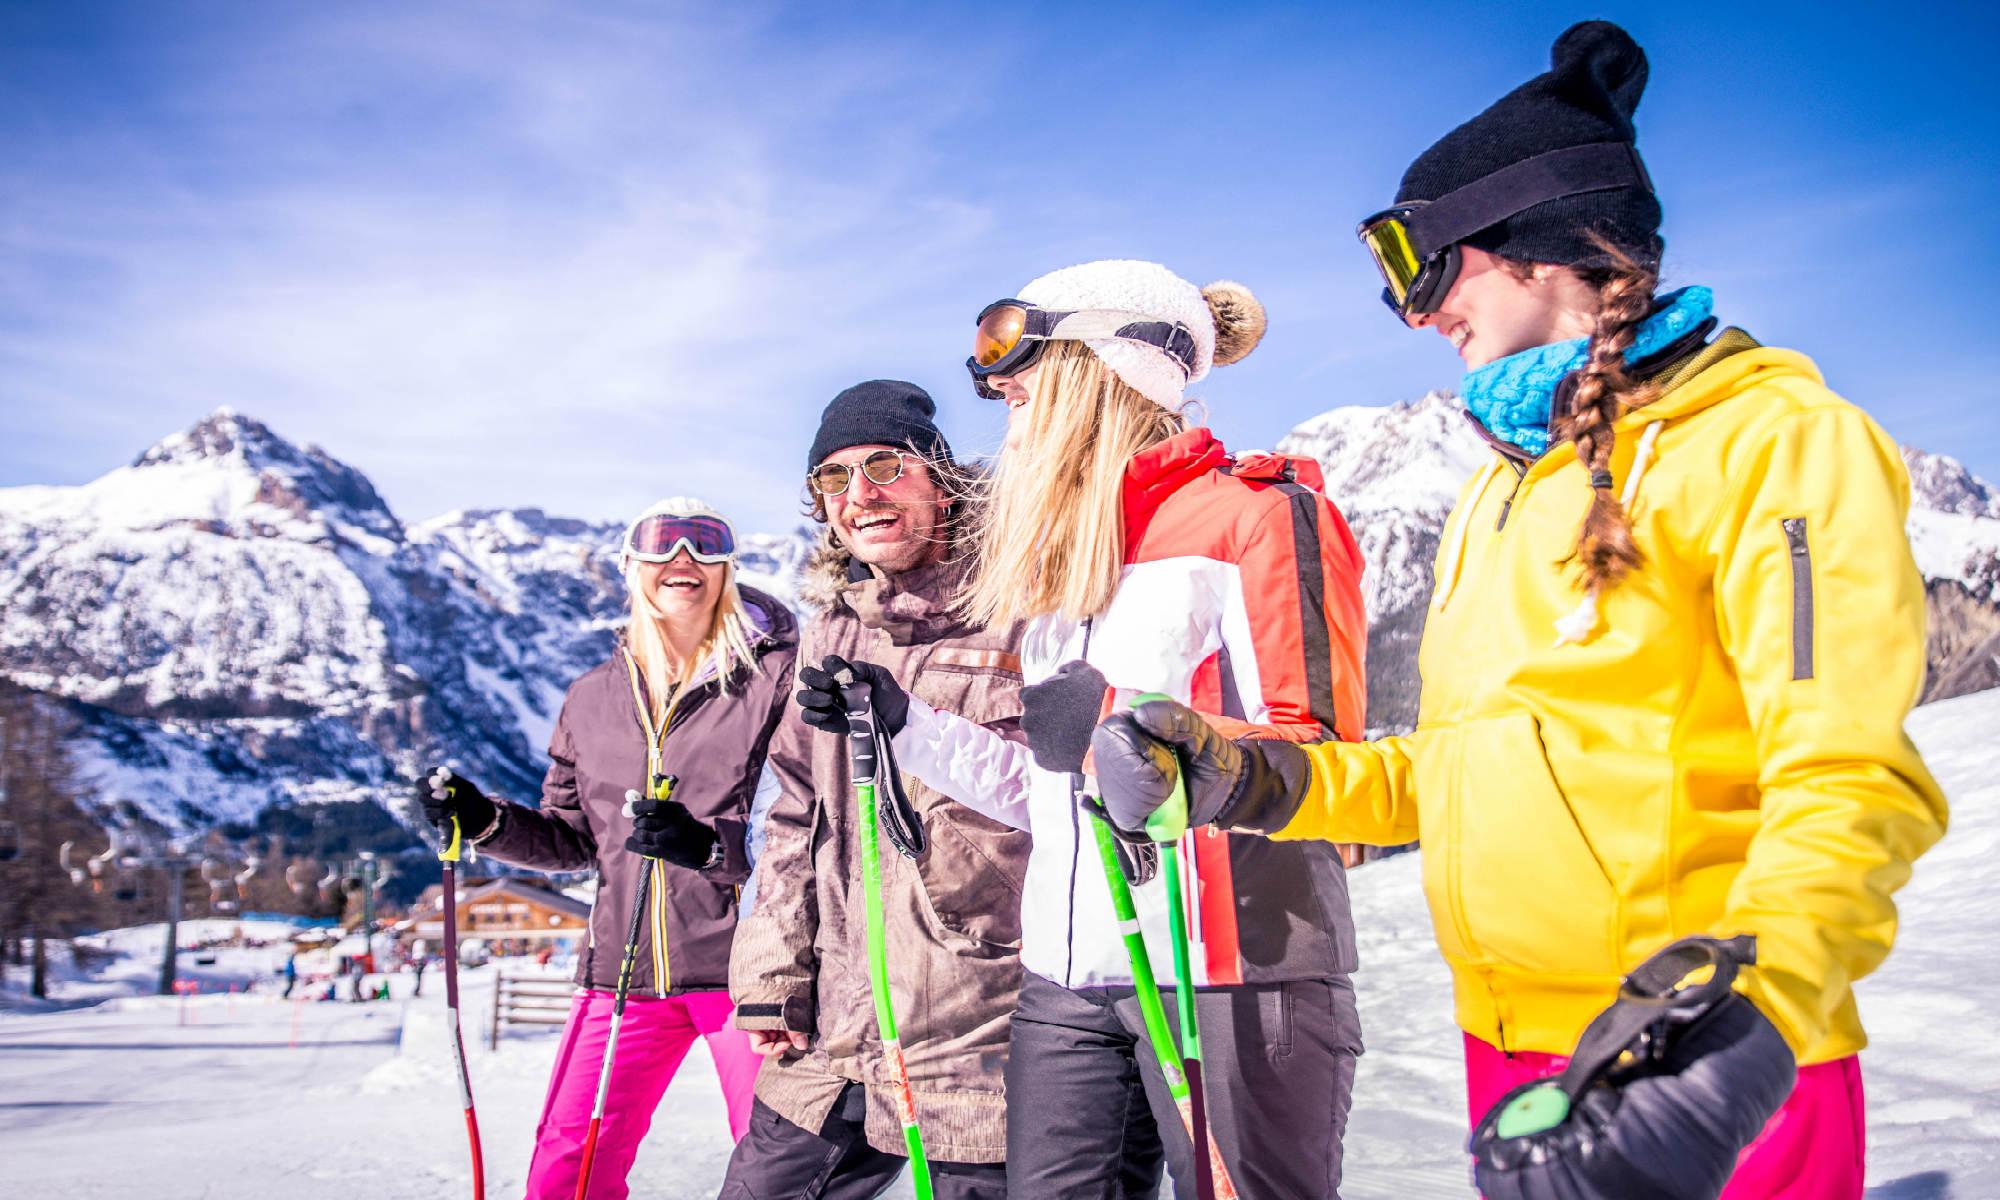 Un gruppo di amici ridono sulle piste da sci di Livigno.